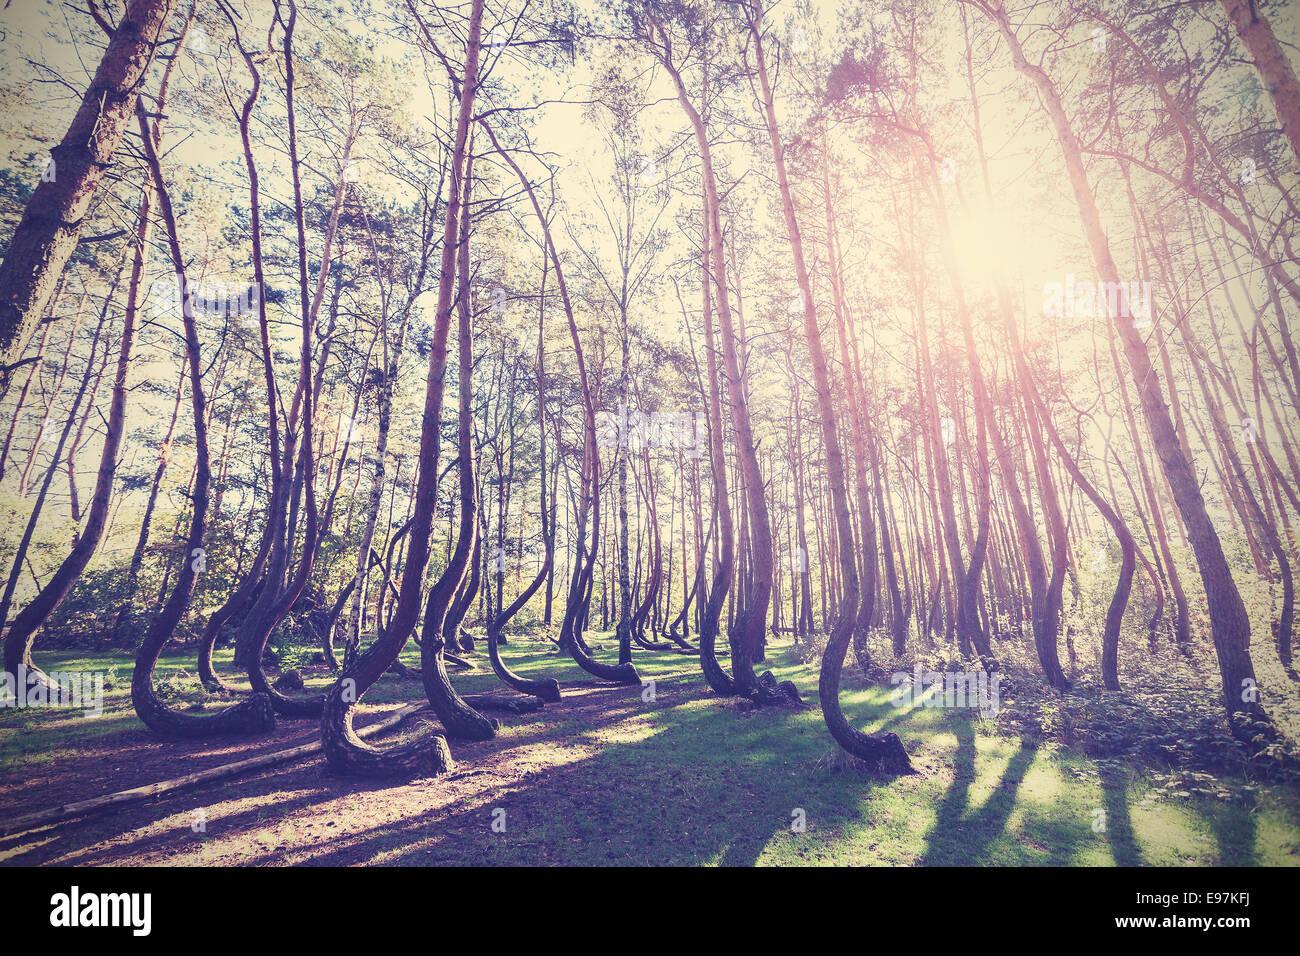 In stile vintage immagine della foresta storta, Gryfino in Polonia. Immagini Stock